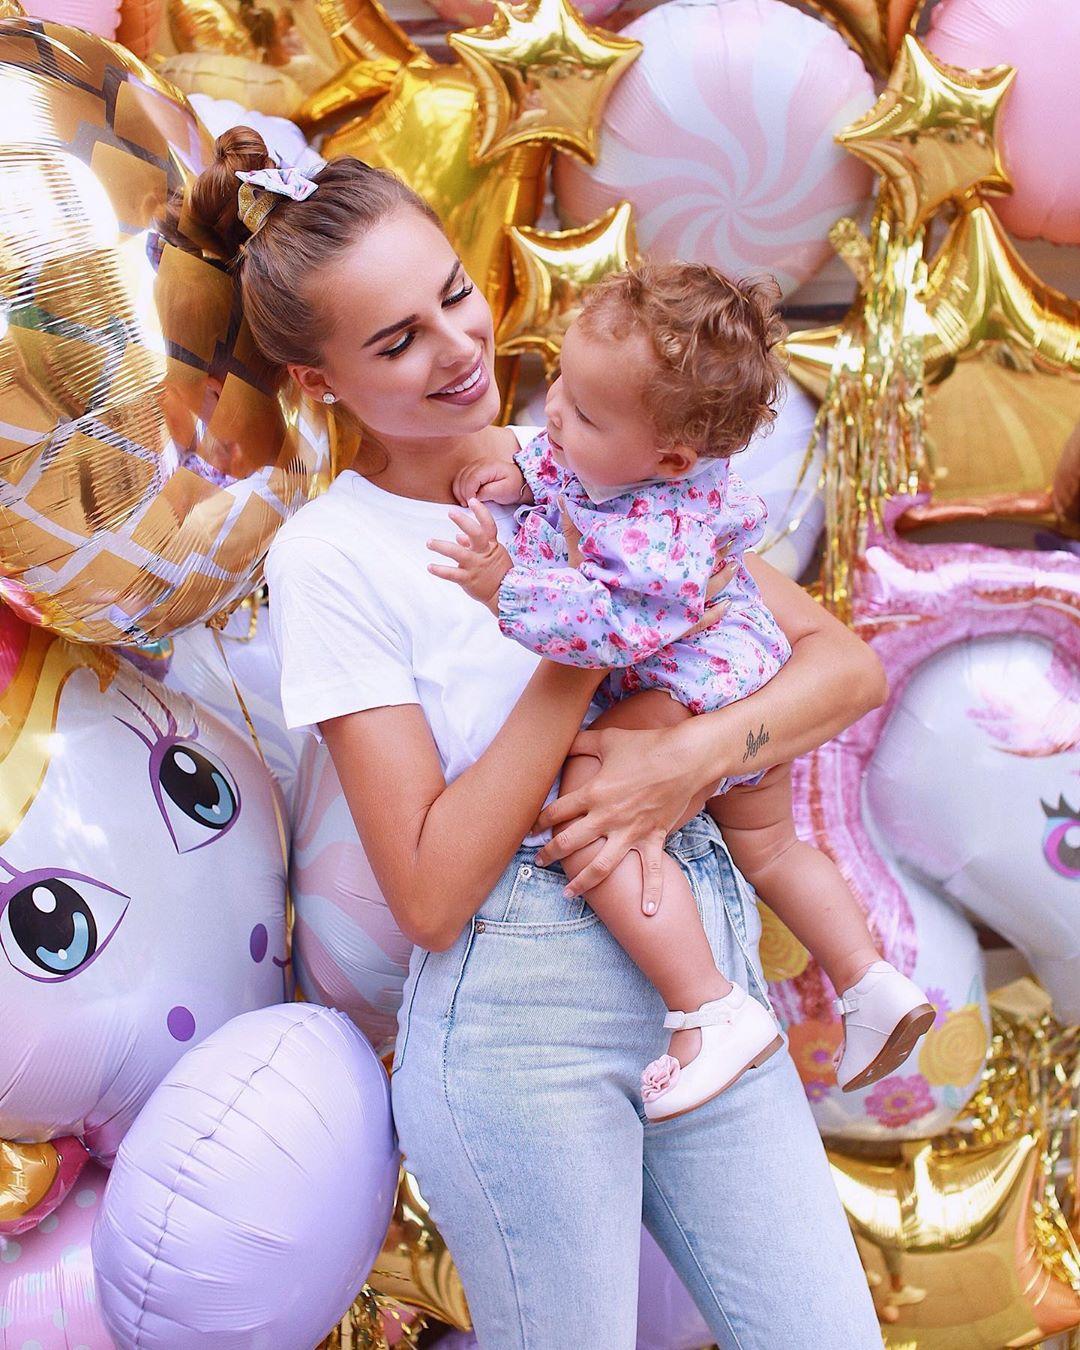 Певица Ханна отметила первое день рождение дочери и раскрыла её имя